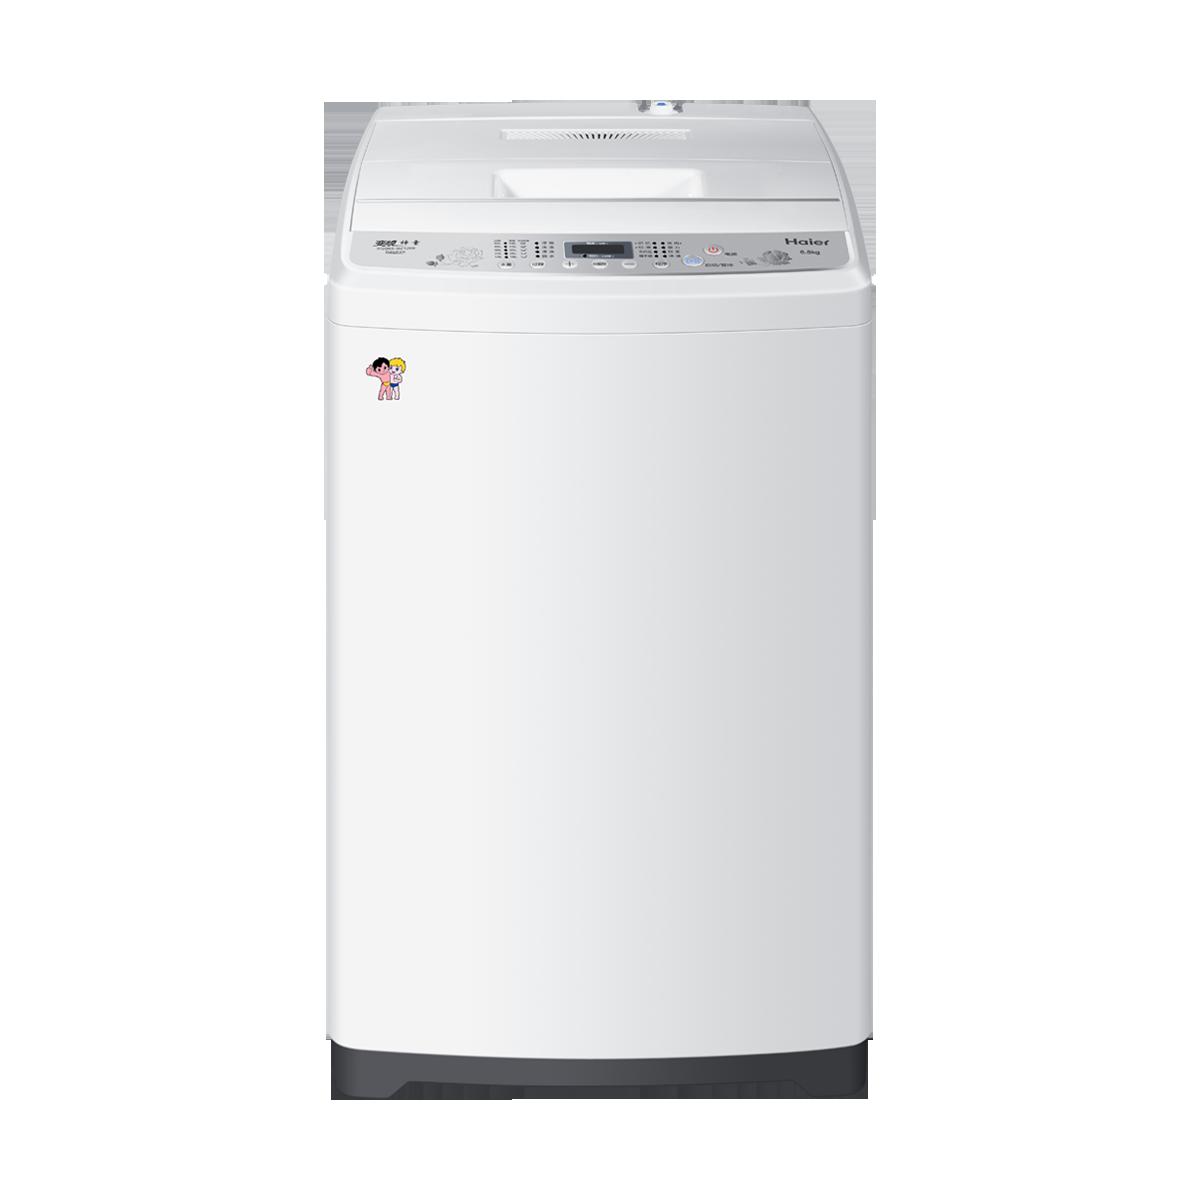 海尔Haier洗衣机 XQB65-BZ1268 说明书